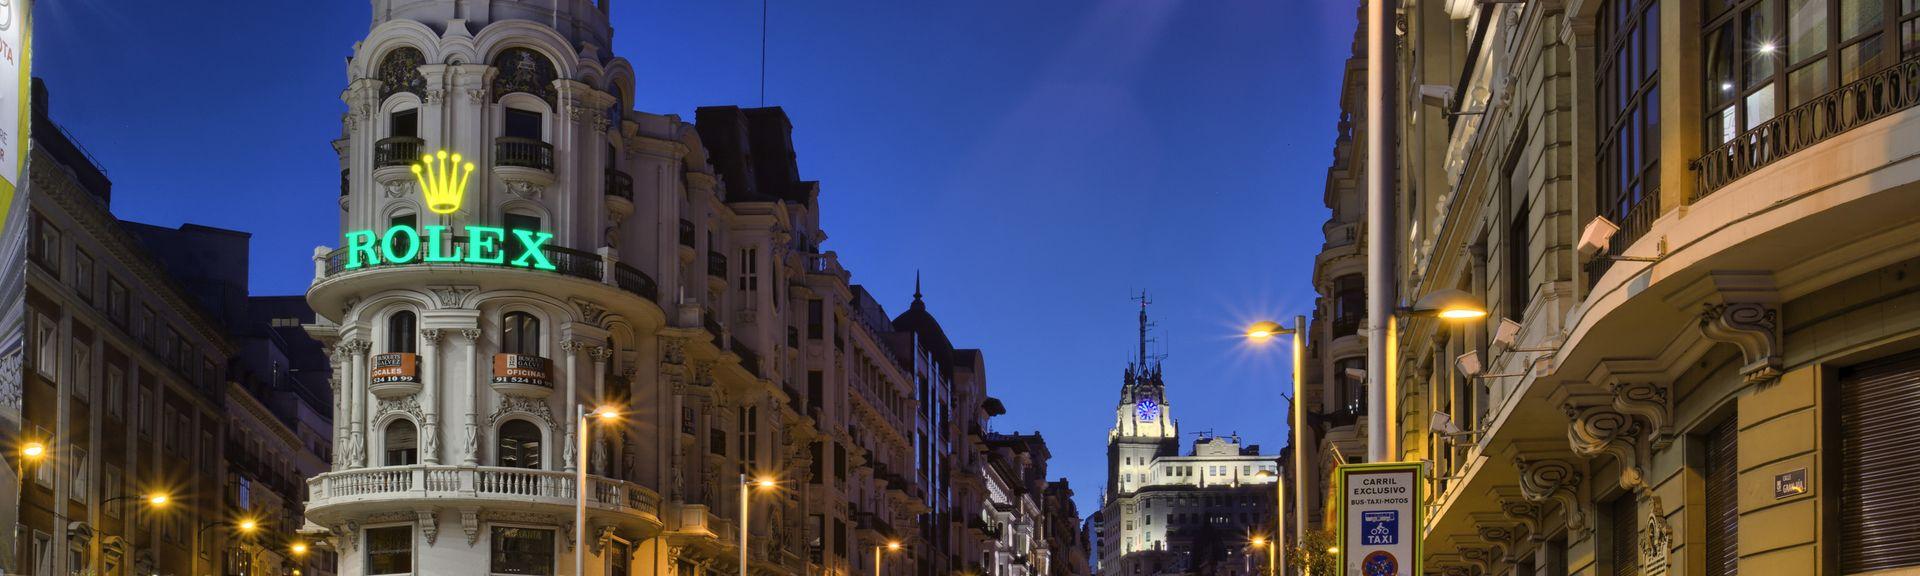 Castellana, Madrid, Community of Madrid, Spain